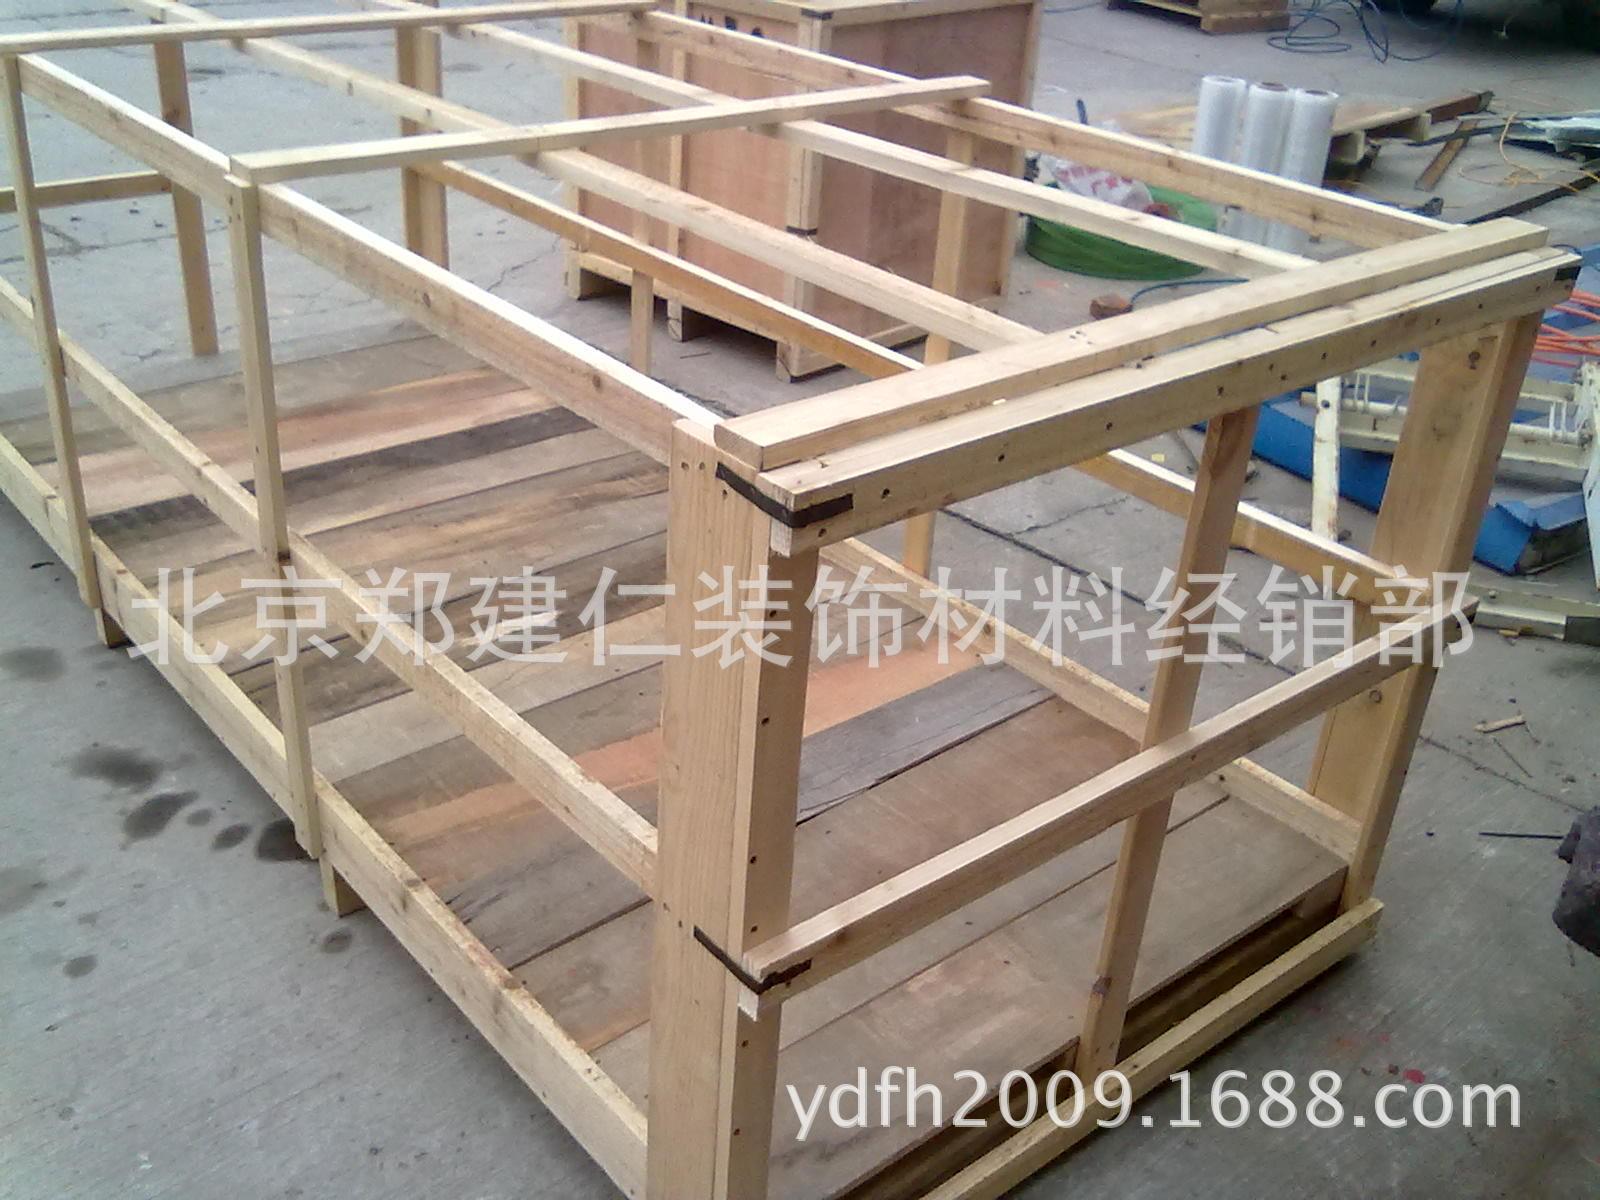 外贸论坛圈                                                                                                                                                                                                        北京大兴区木箱上门安装案例  消防用具出口